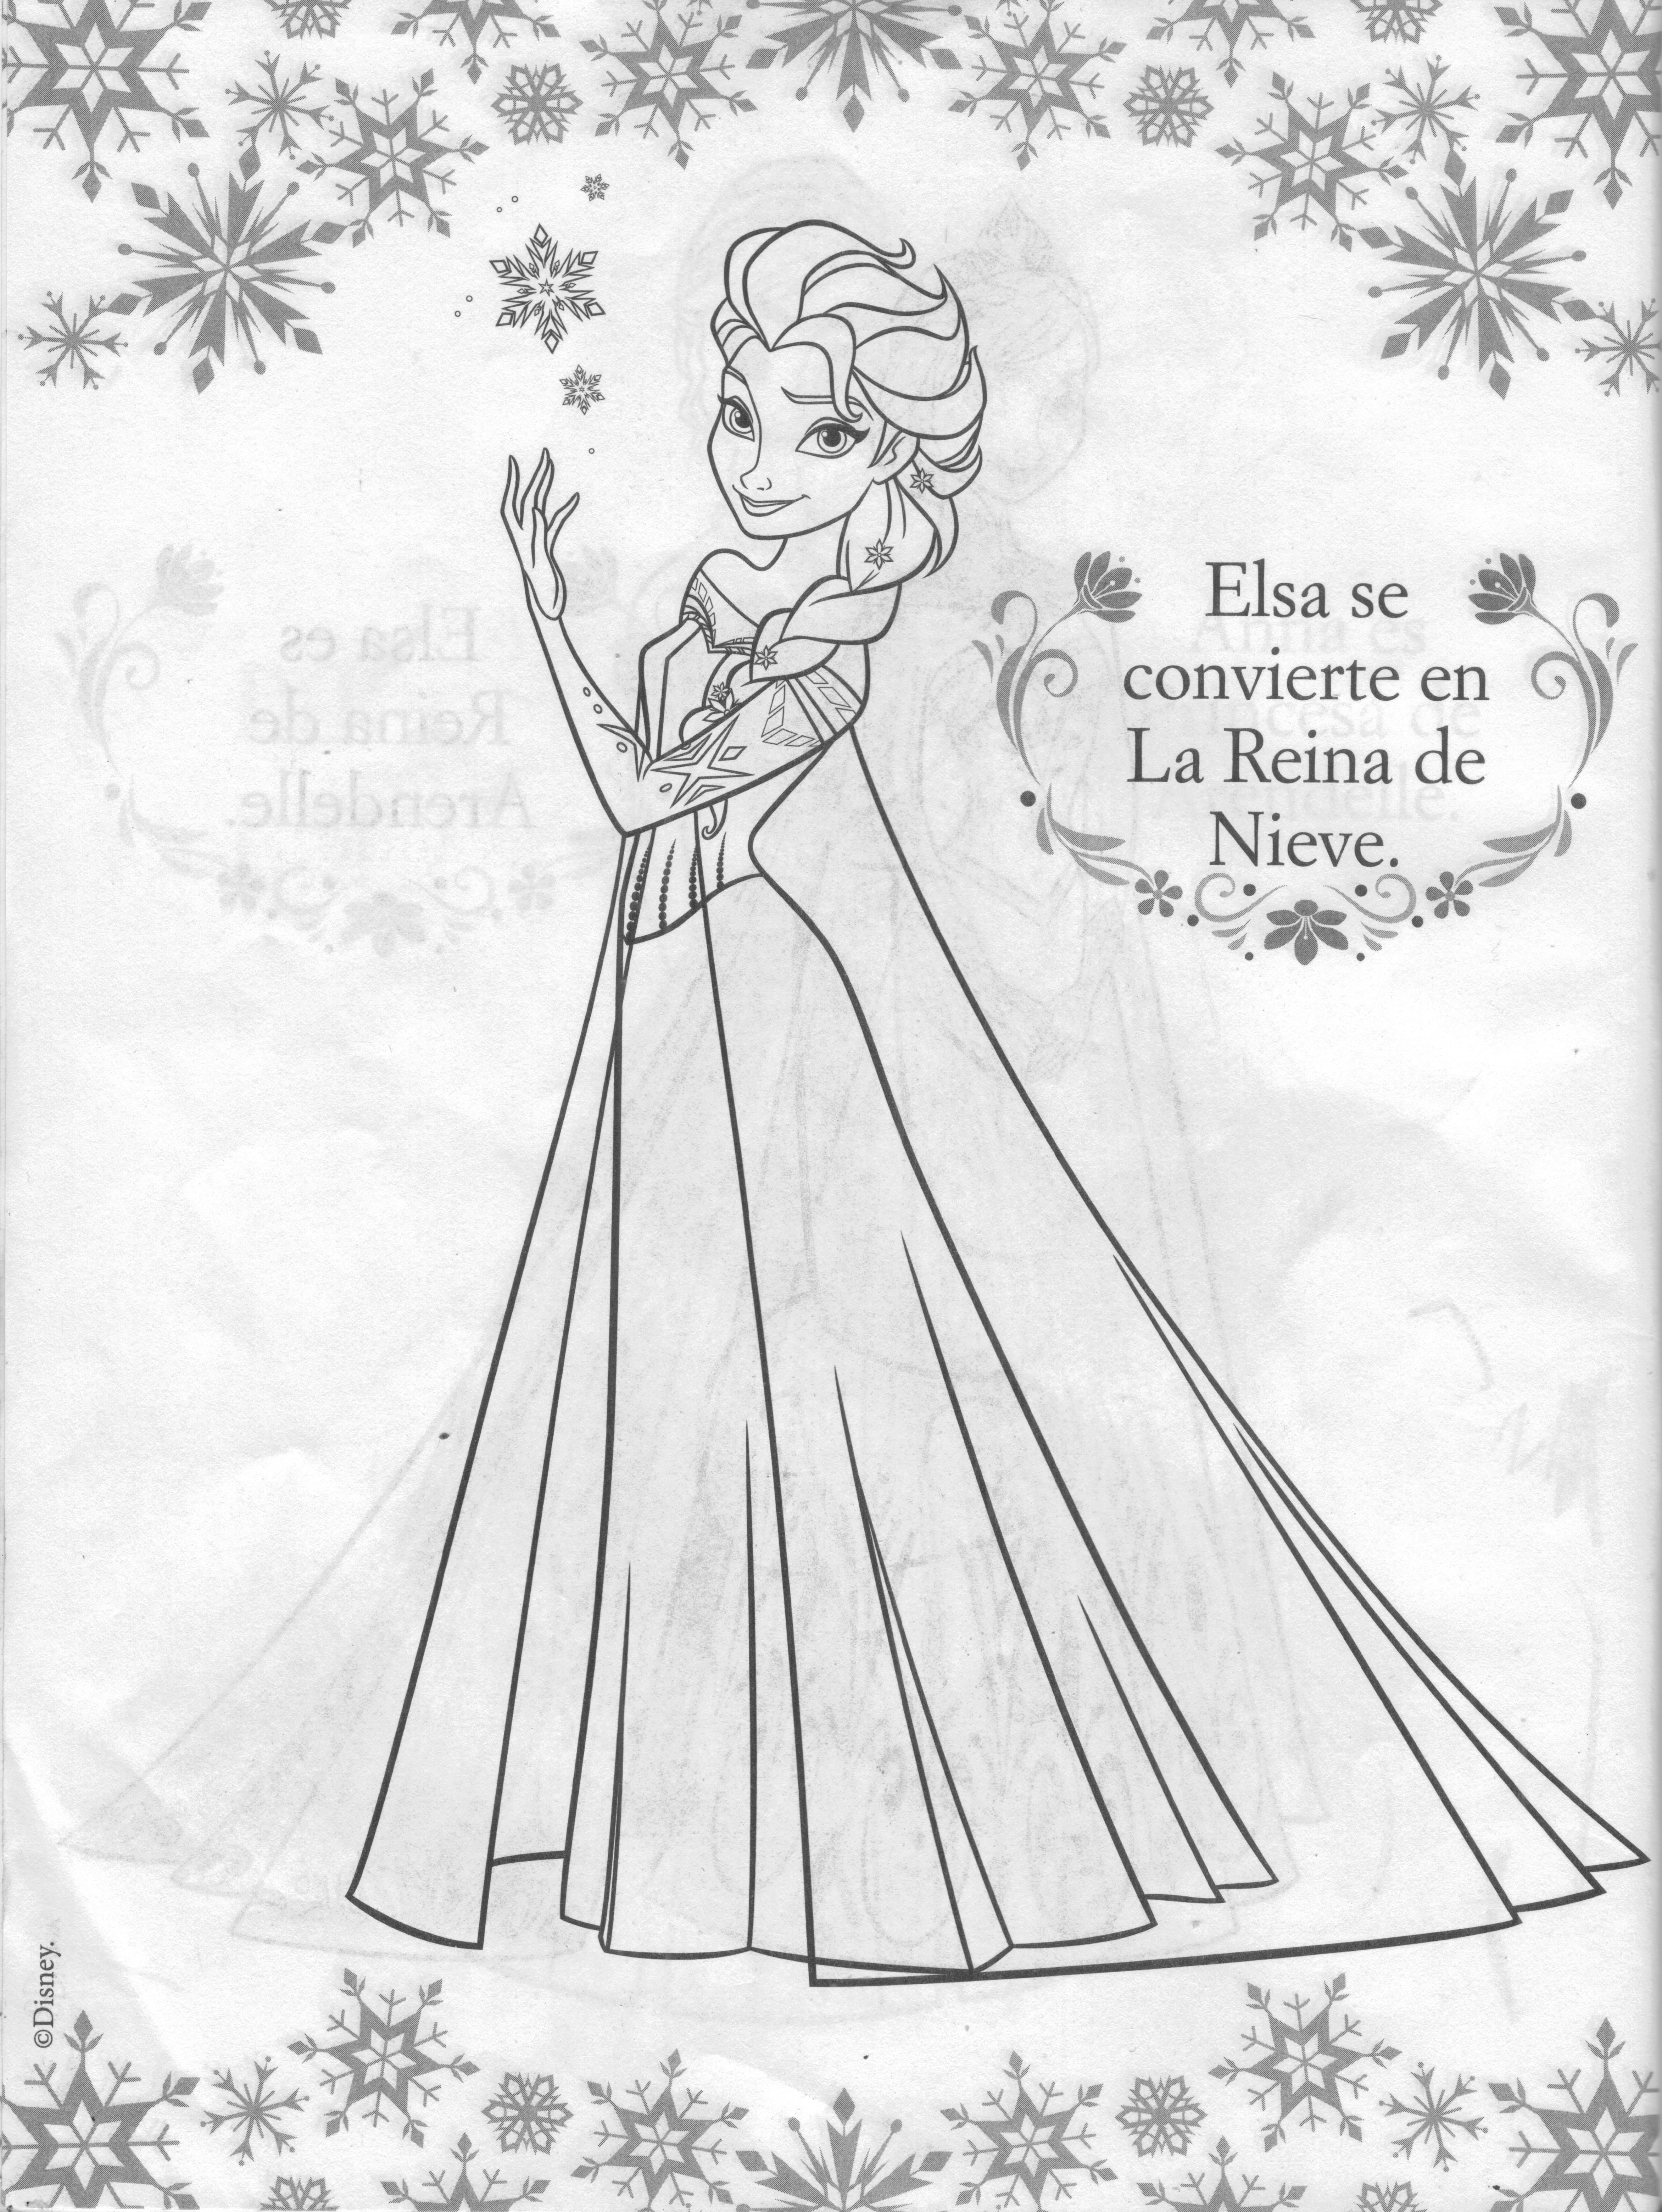 Elsa De Frozen Un Dibujo Para Colorear A Disney Frozen Princess Draw Kids Paint Color Practice Photoshop T Ausmalbilder Lustige Malvorlagen Malvorlagen